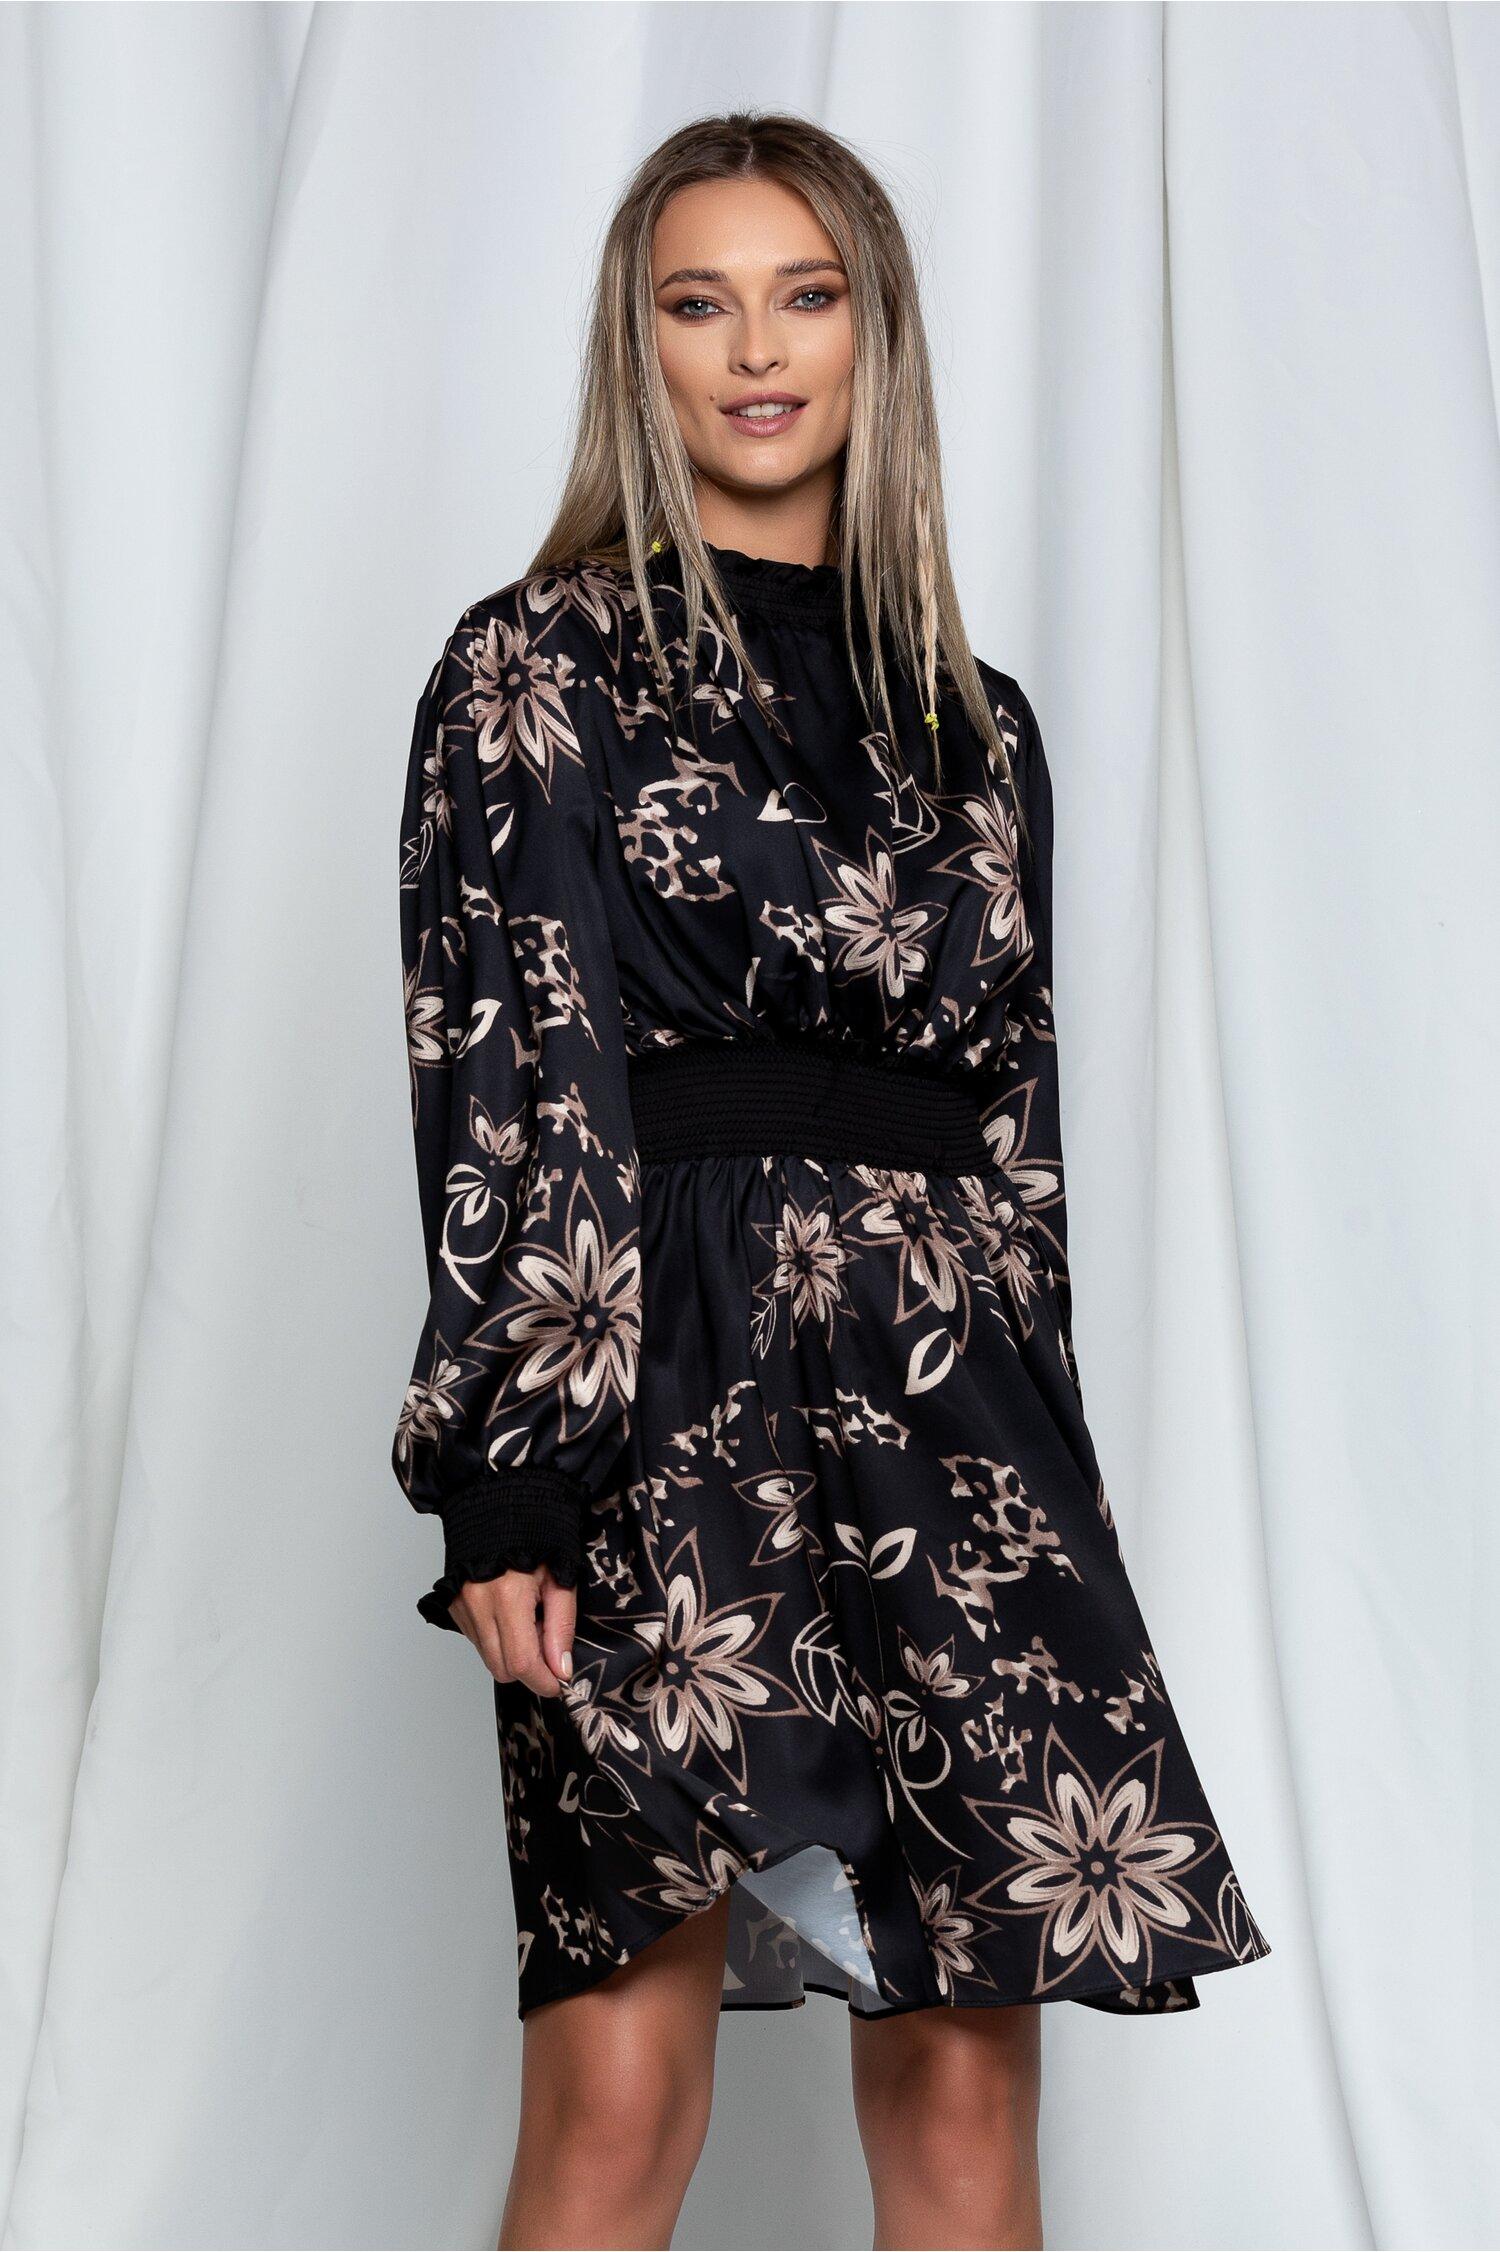 Rochie Clary neagra satinata cu imprimeu floral